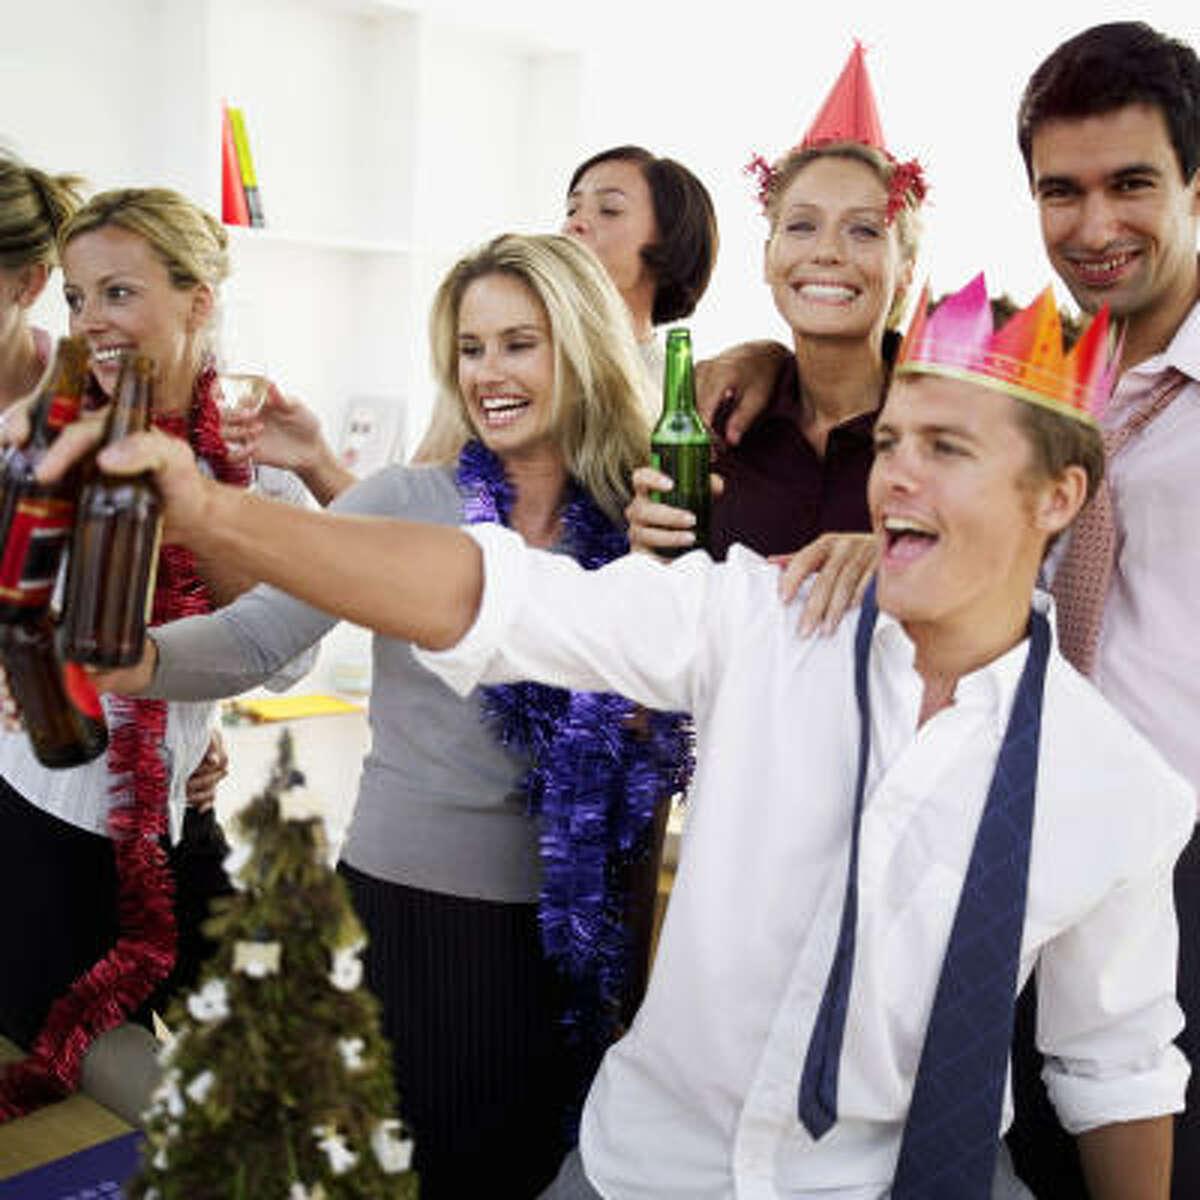 Fiestas familiares: emotivas y divertidas pero llenas de trabajo para los anfitriones.